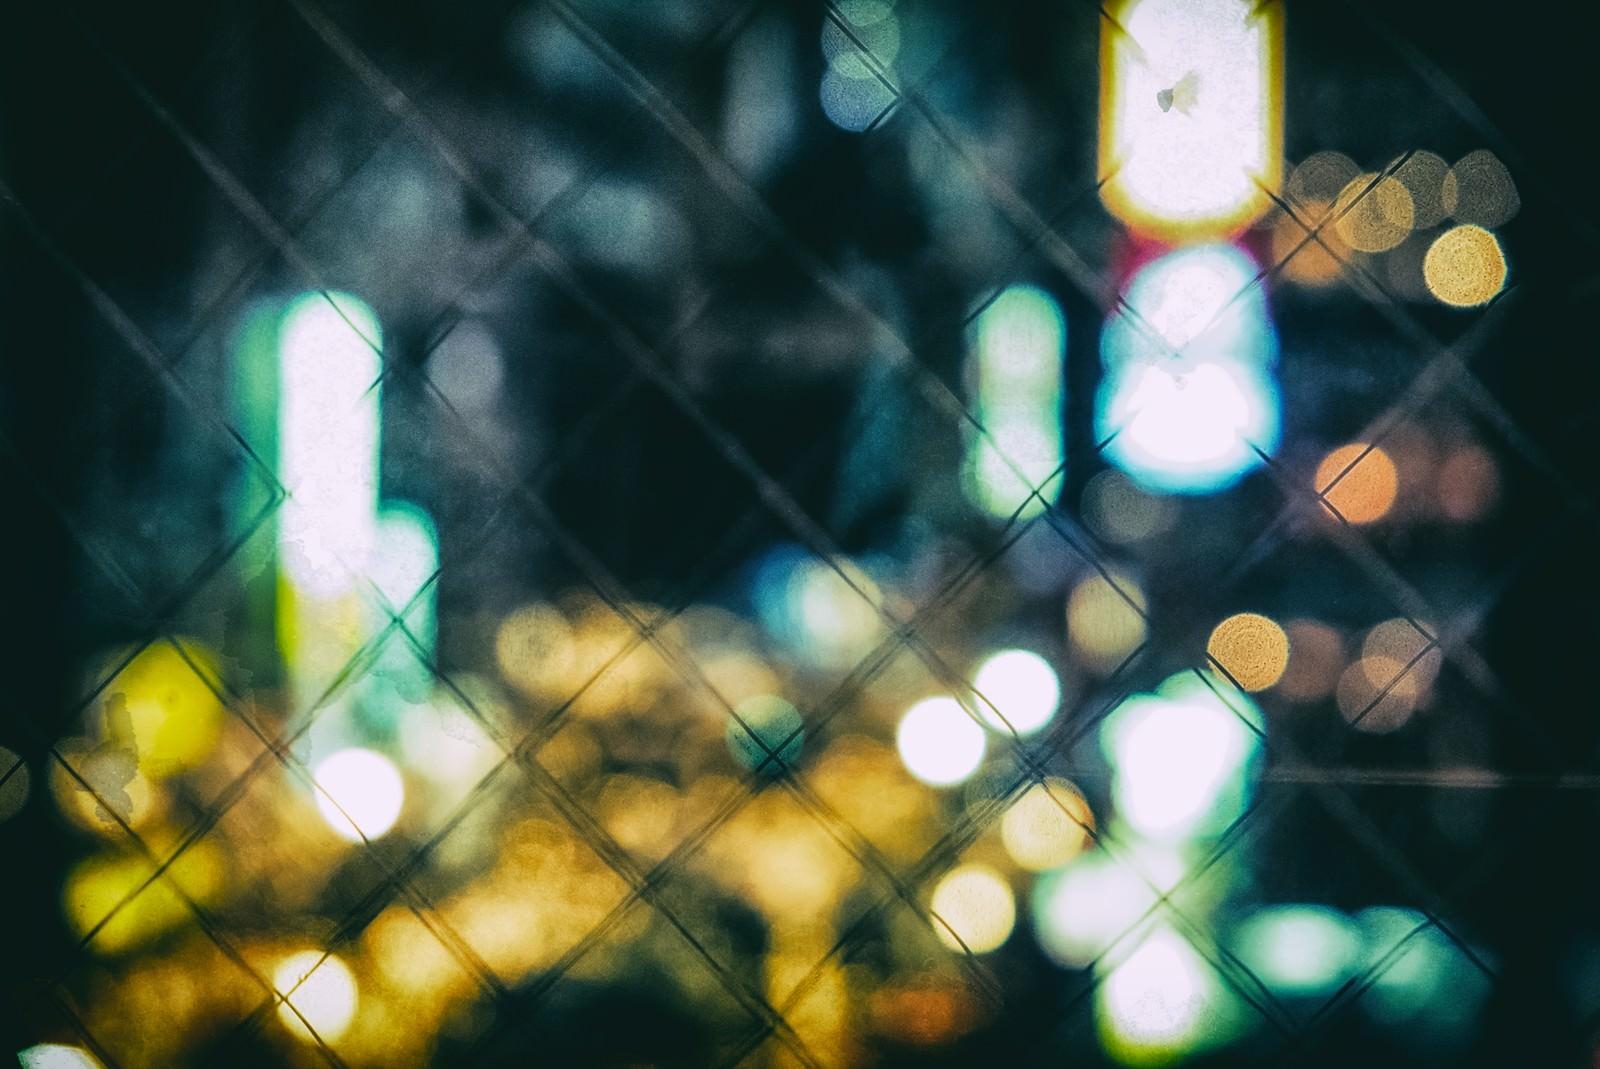 「フェンスとボケた繁華街 | 写真の無料素材・フリー素材 - ぱくたそ」の写真